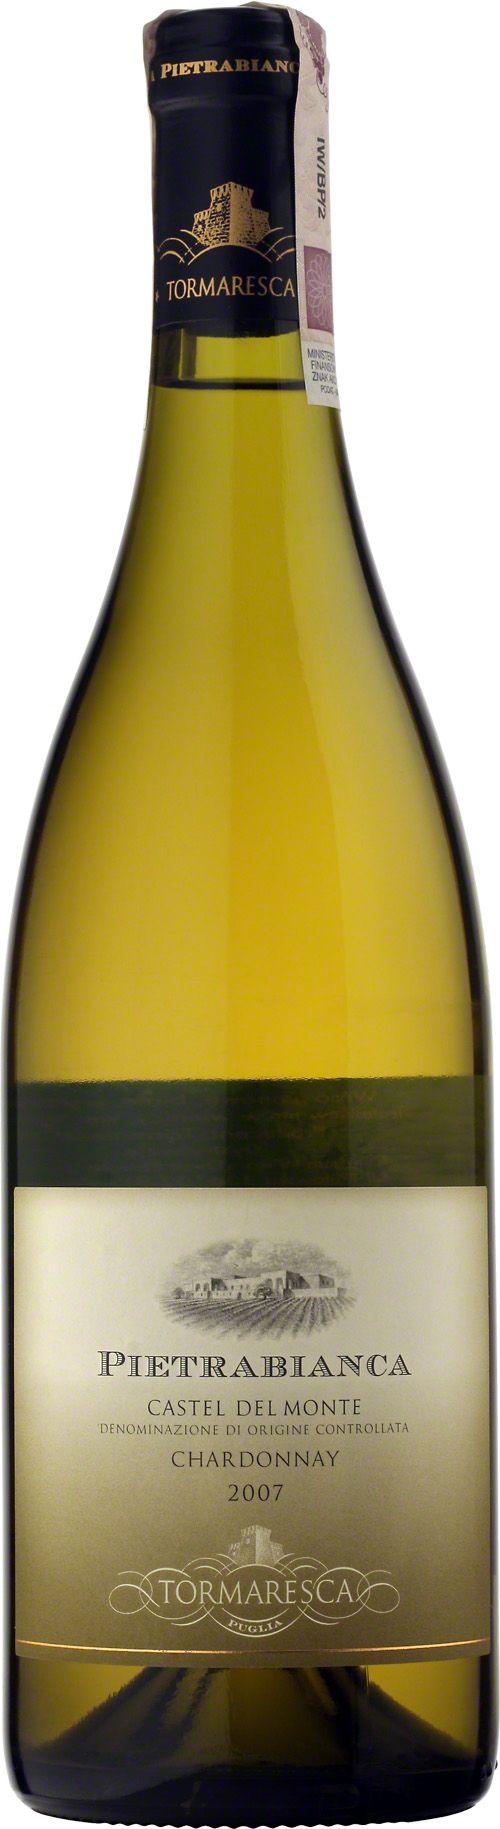 Tormaresca Pietrabianca Castel Del Monte D.O.C. W całości wytworzone ze szczepu chardonnay. Kolor lekko żółty z zielonkawymi odcieniami. Zapach intensywny, z nutami brzoskwini i dojrzałego jabłka oraz laski wanilii. #Tormaresca #Pietrabianca #CastelDelMonte #Chardonnay #Wino #Wlochy #Winezja #Puglia